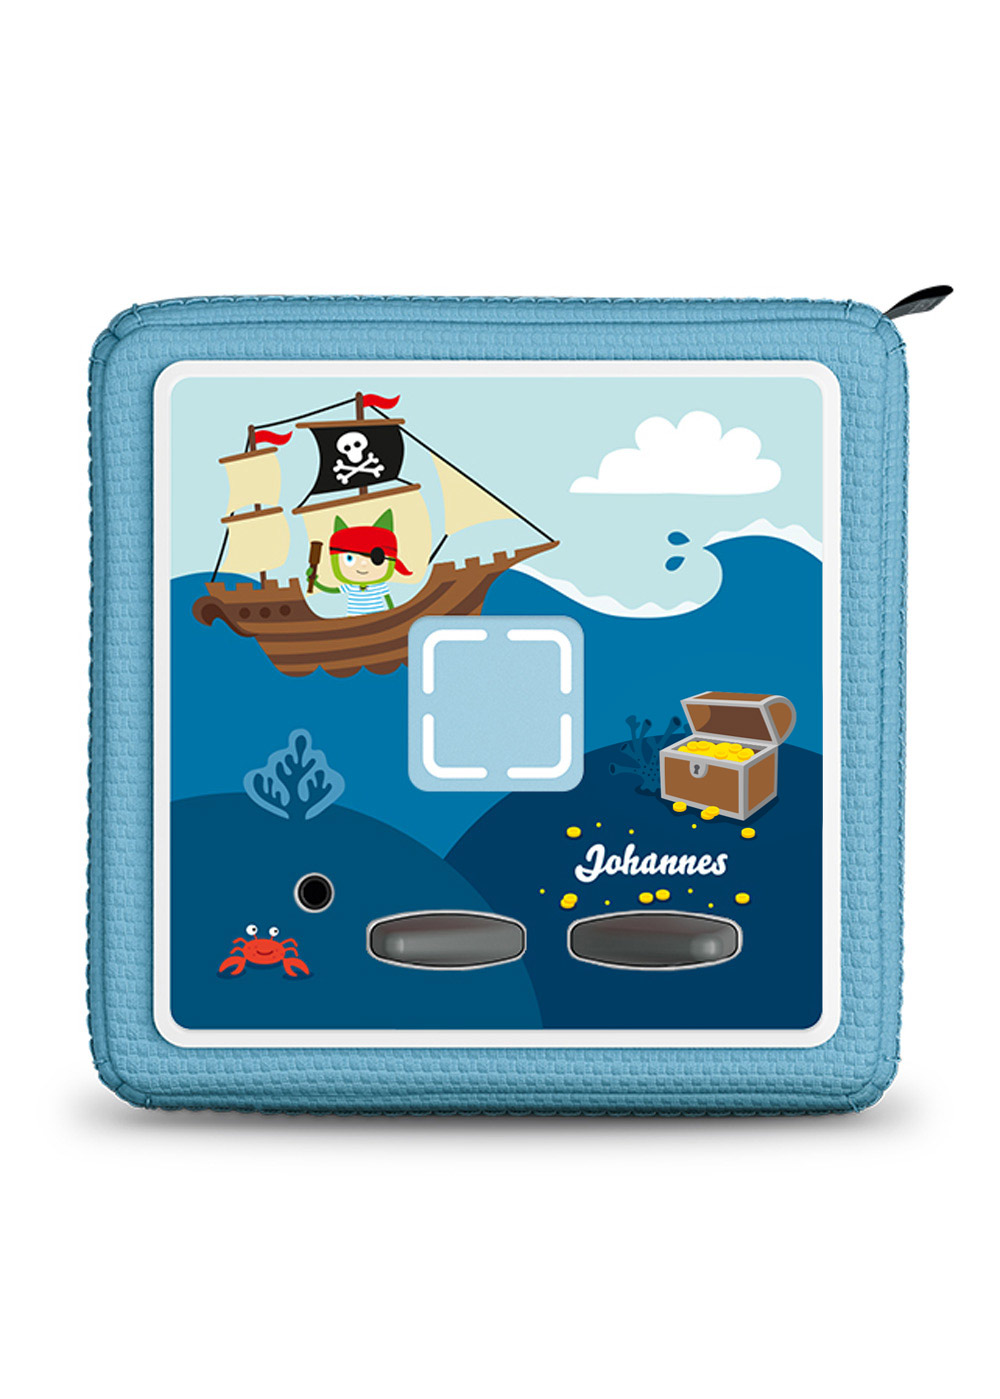 dekofolie toniebox weltmeere personalisiert kindername 1